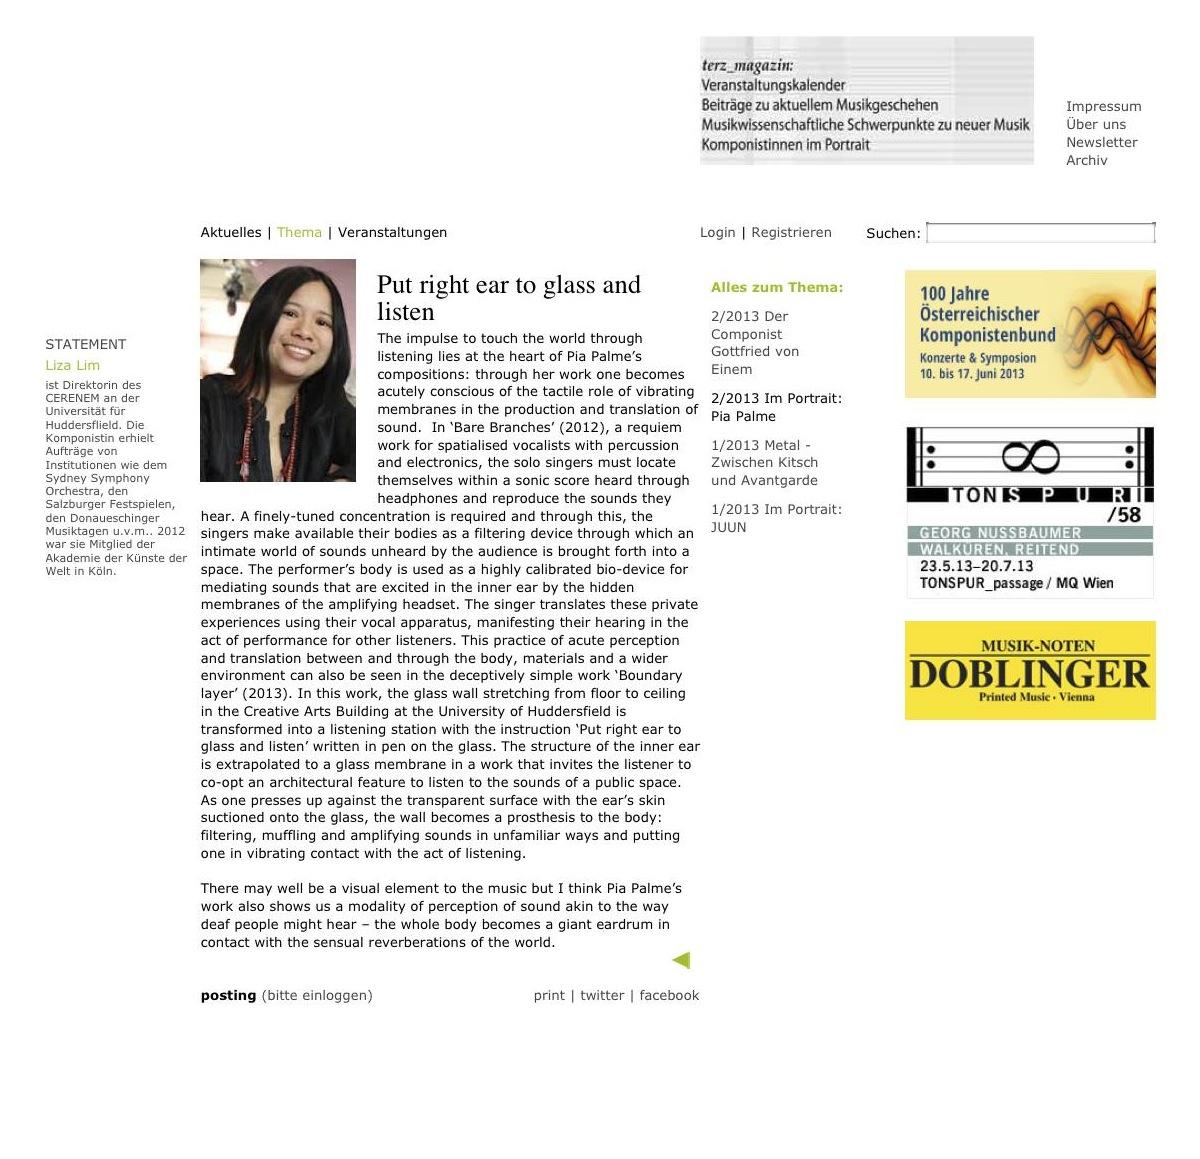 terz : magazin : thema : Statement Lim copy